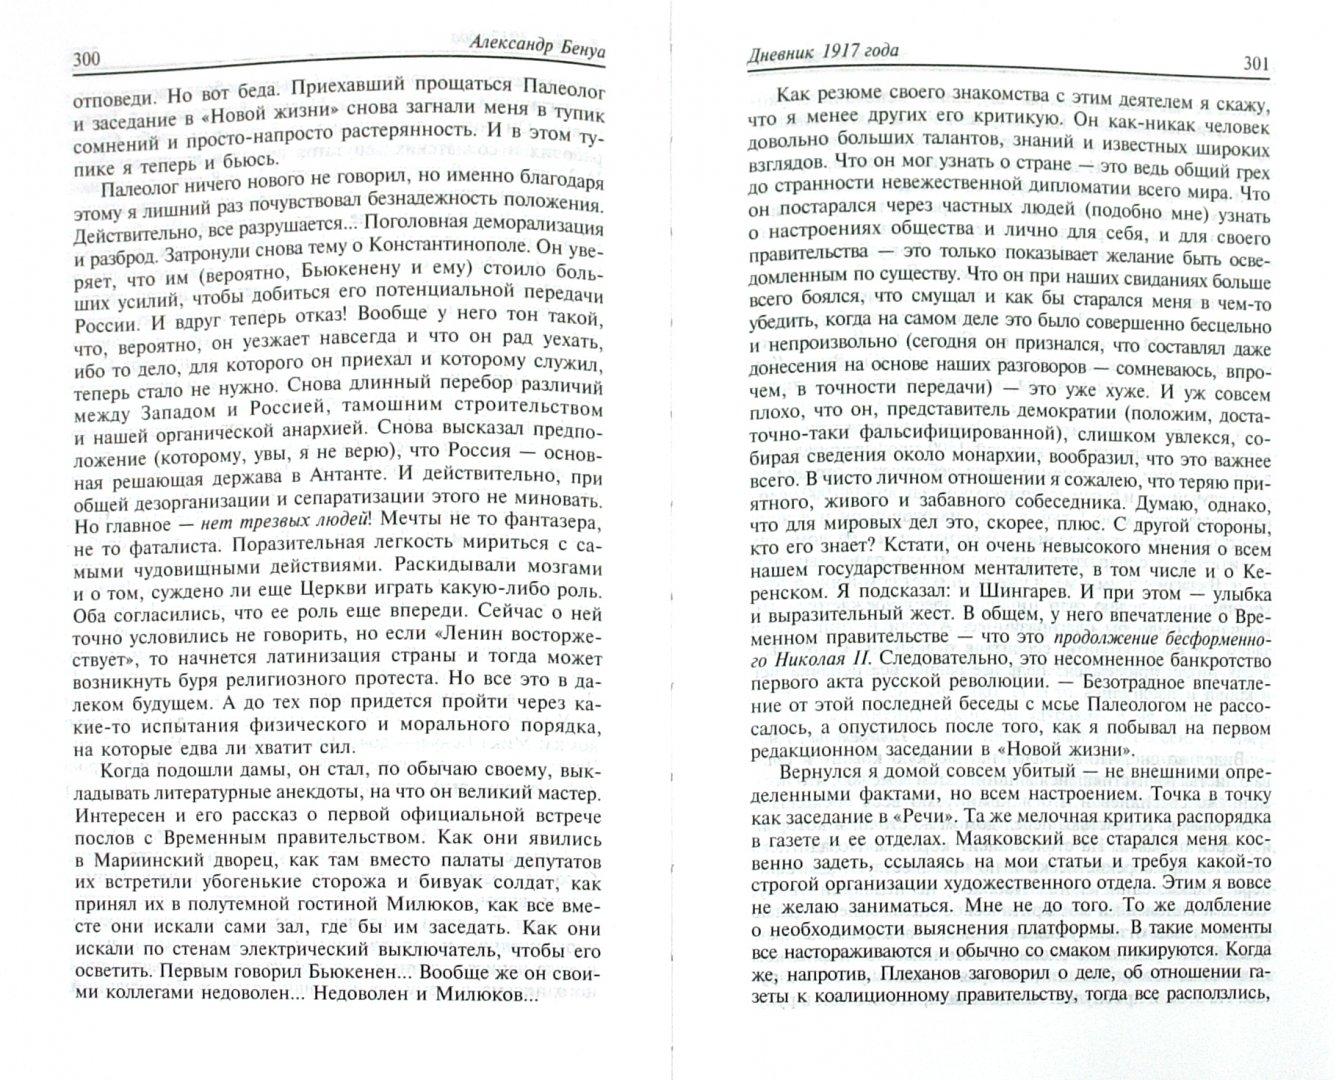 Иллюстрация 1 из 6 для Дневник 1916-1918 гг - Александр Бенуа   Лабиринт - книги. Источник: Лабиринт